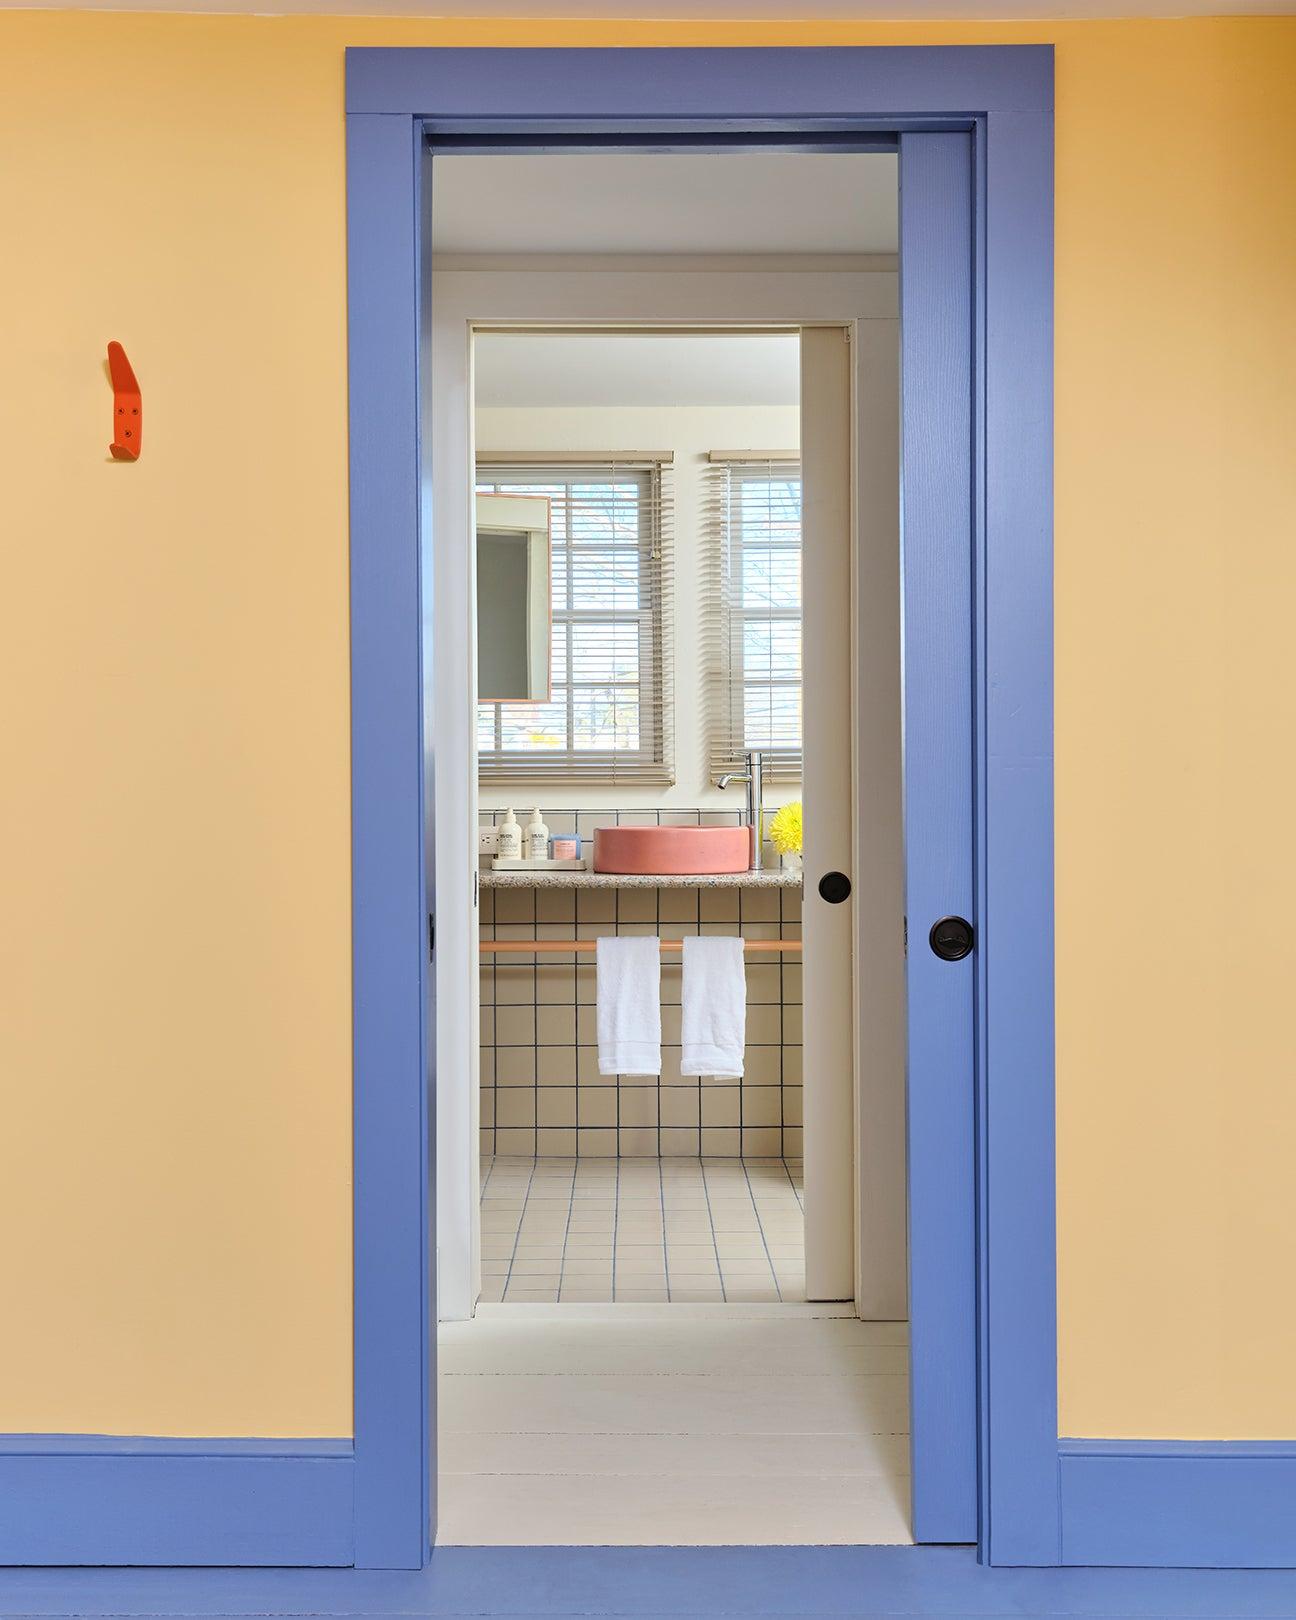 purple door frame and yellow walls